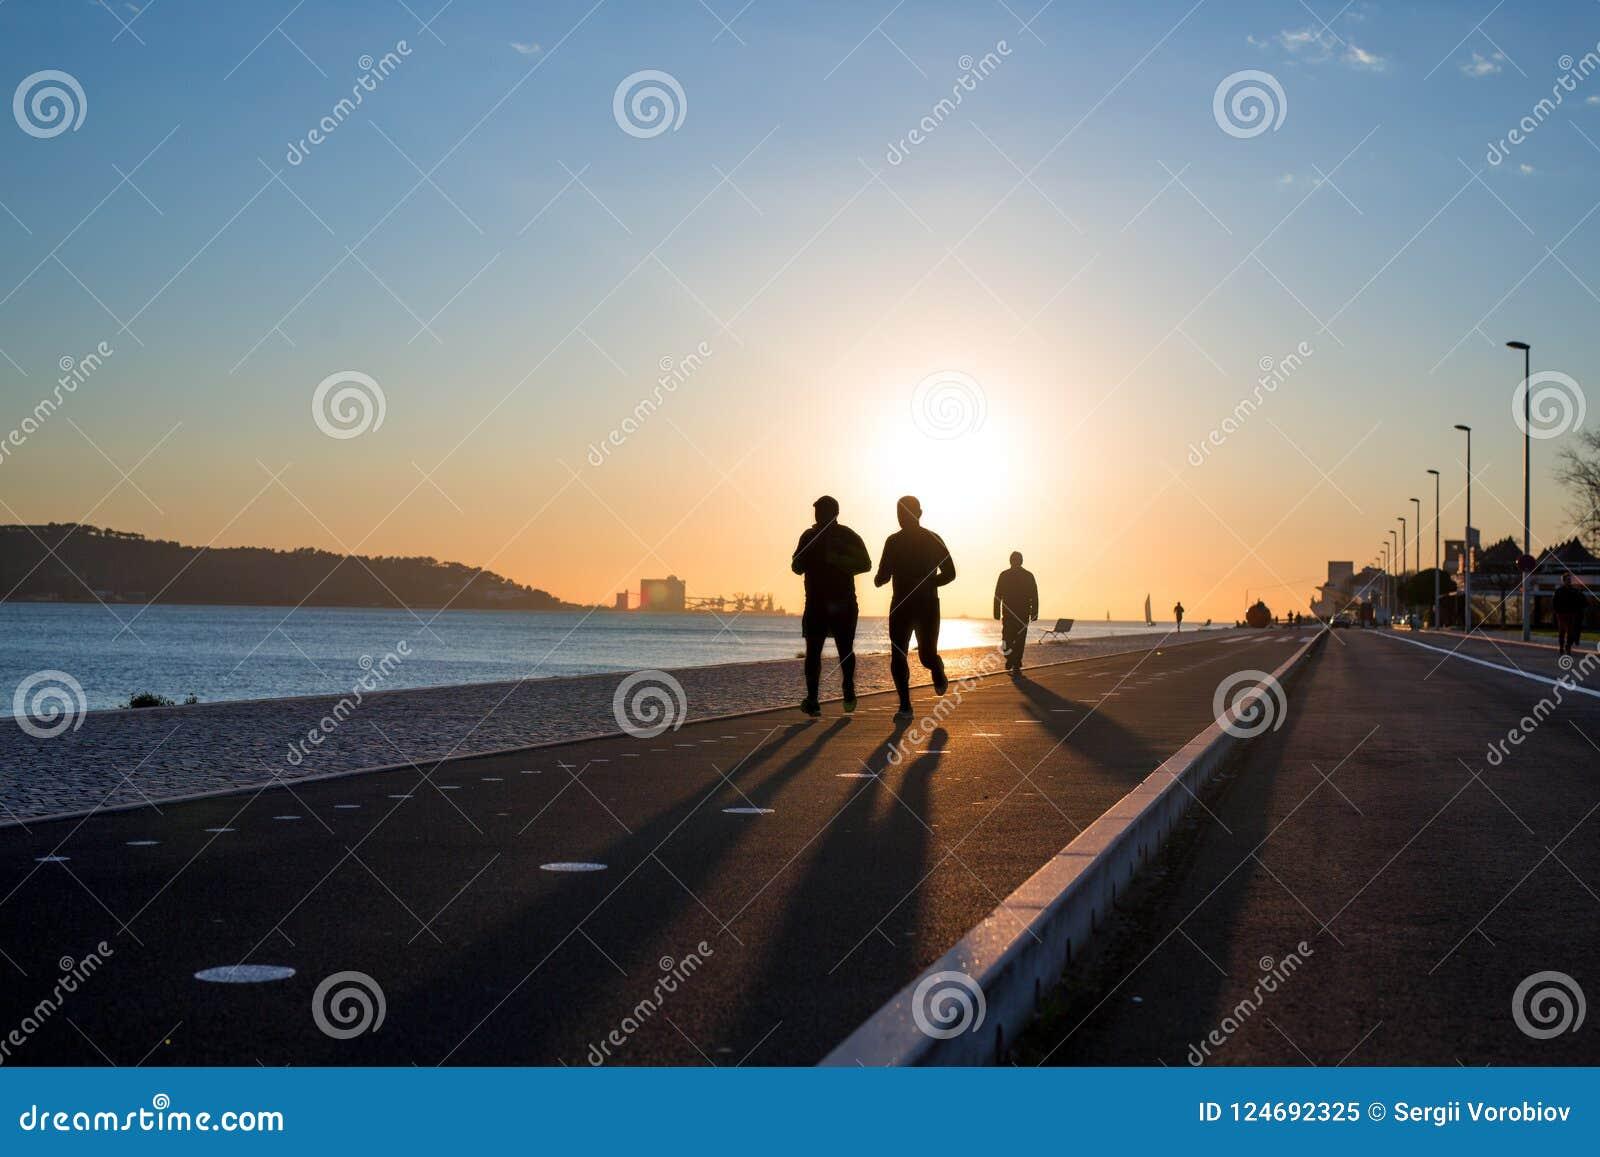 Fond de séance d entraînement, deux personnes pulsant sur le bord de mer au coucher du soleil, silhouettes de coureurs, concept s